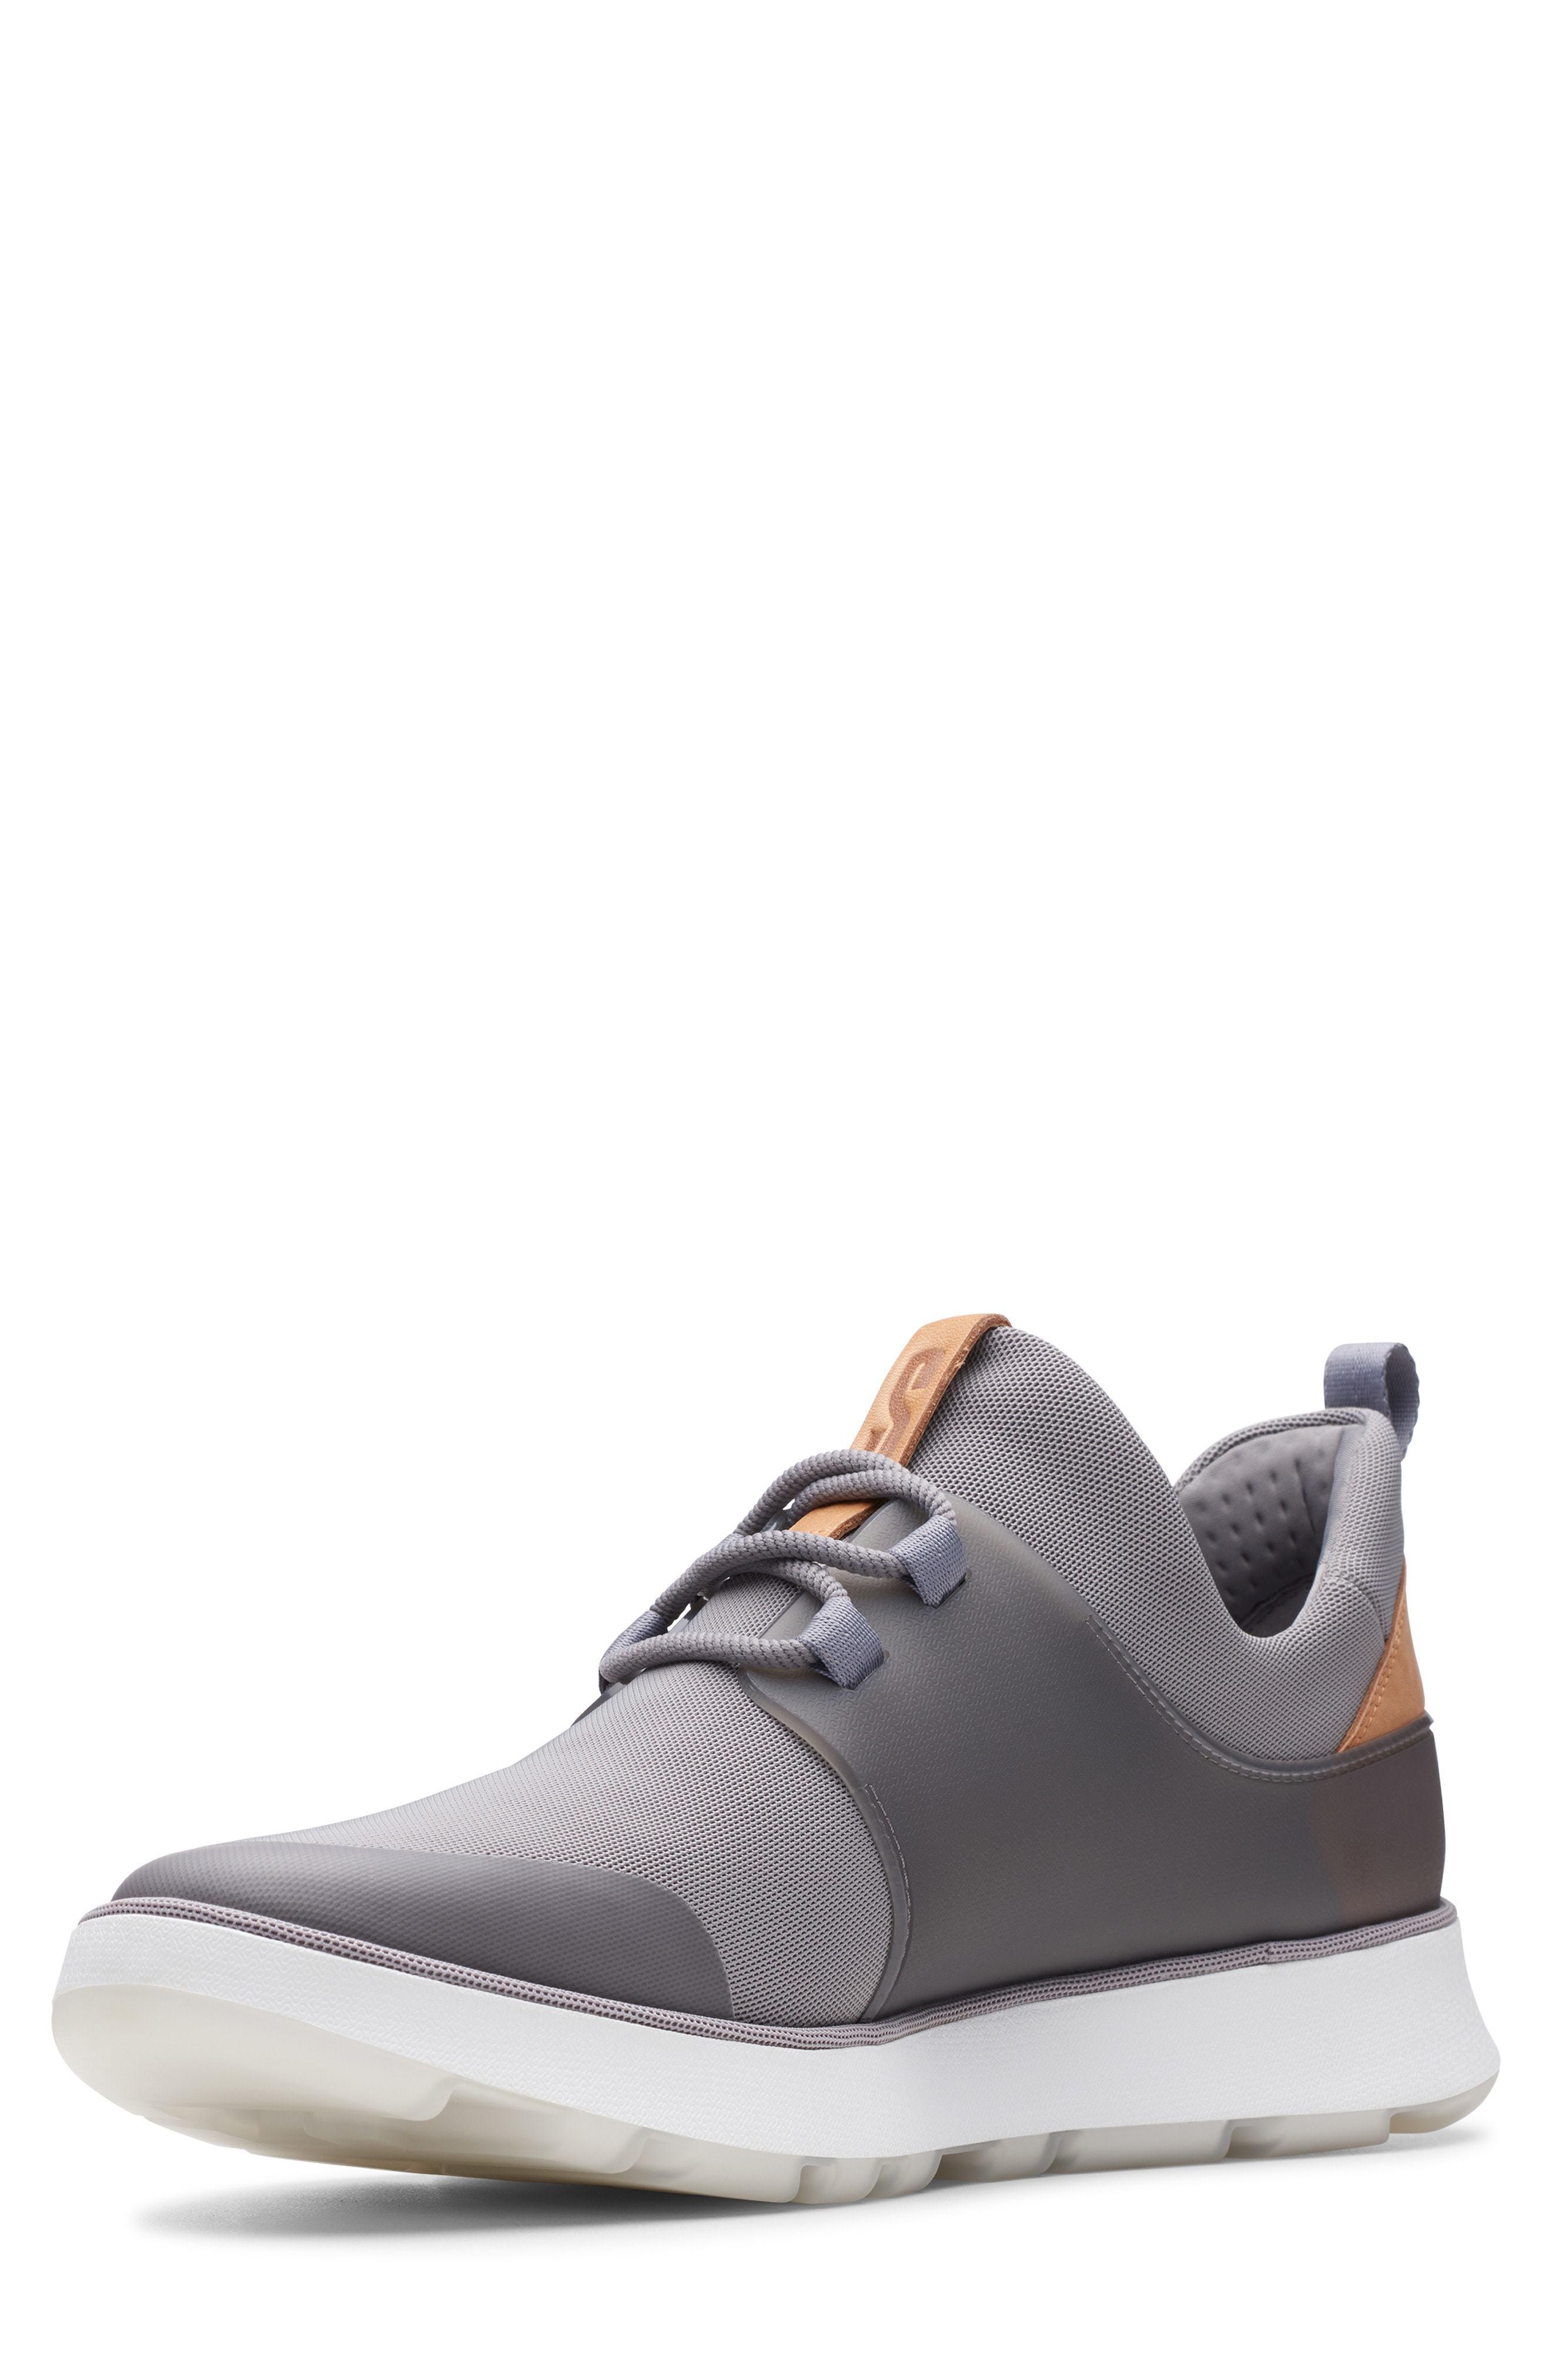 Clarks Soopasft 01 Sneaker, $160